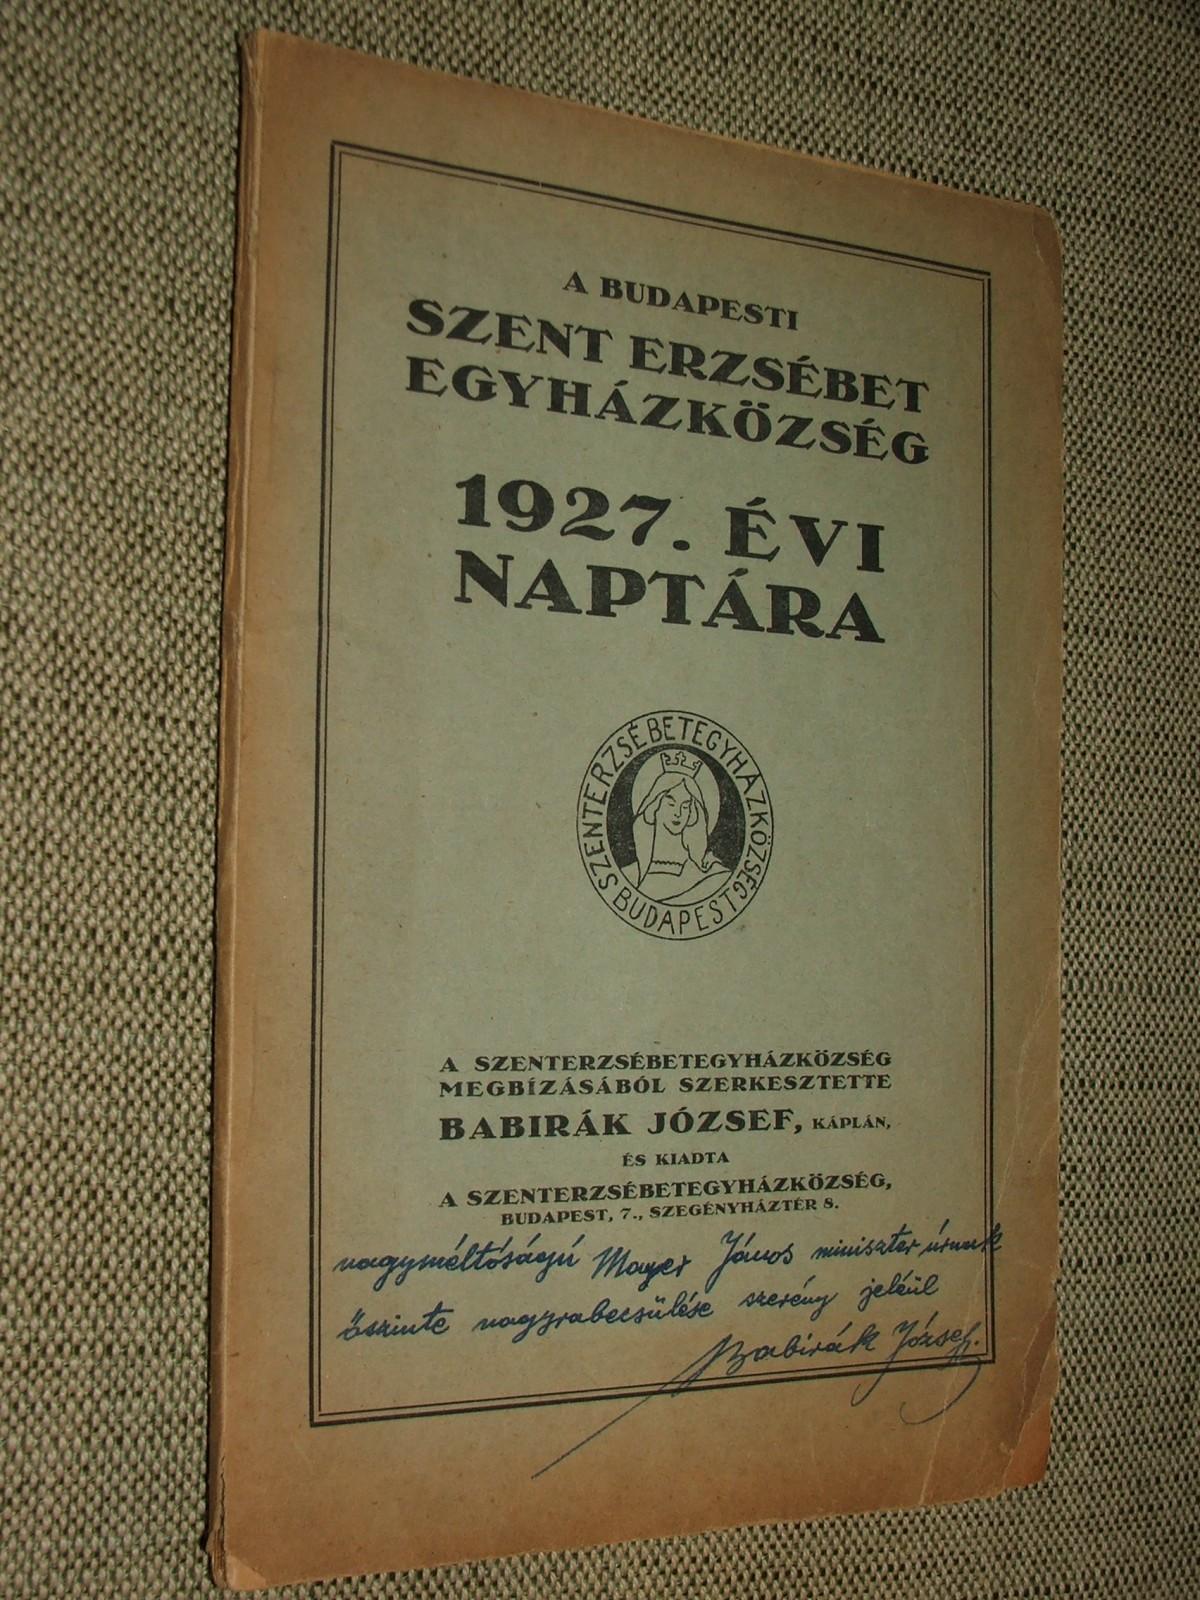 BABIRÁK József: A Budapesti Szent Erzsébet Egyházközség 1927. évi naptára